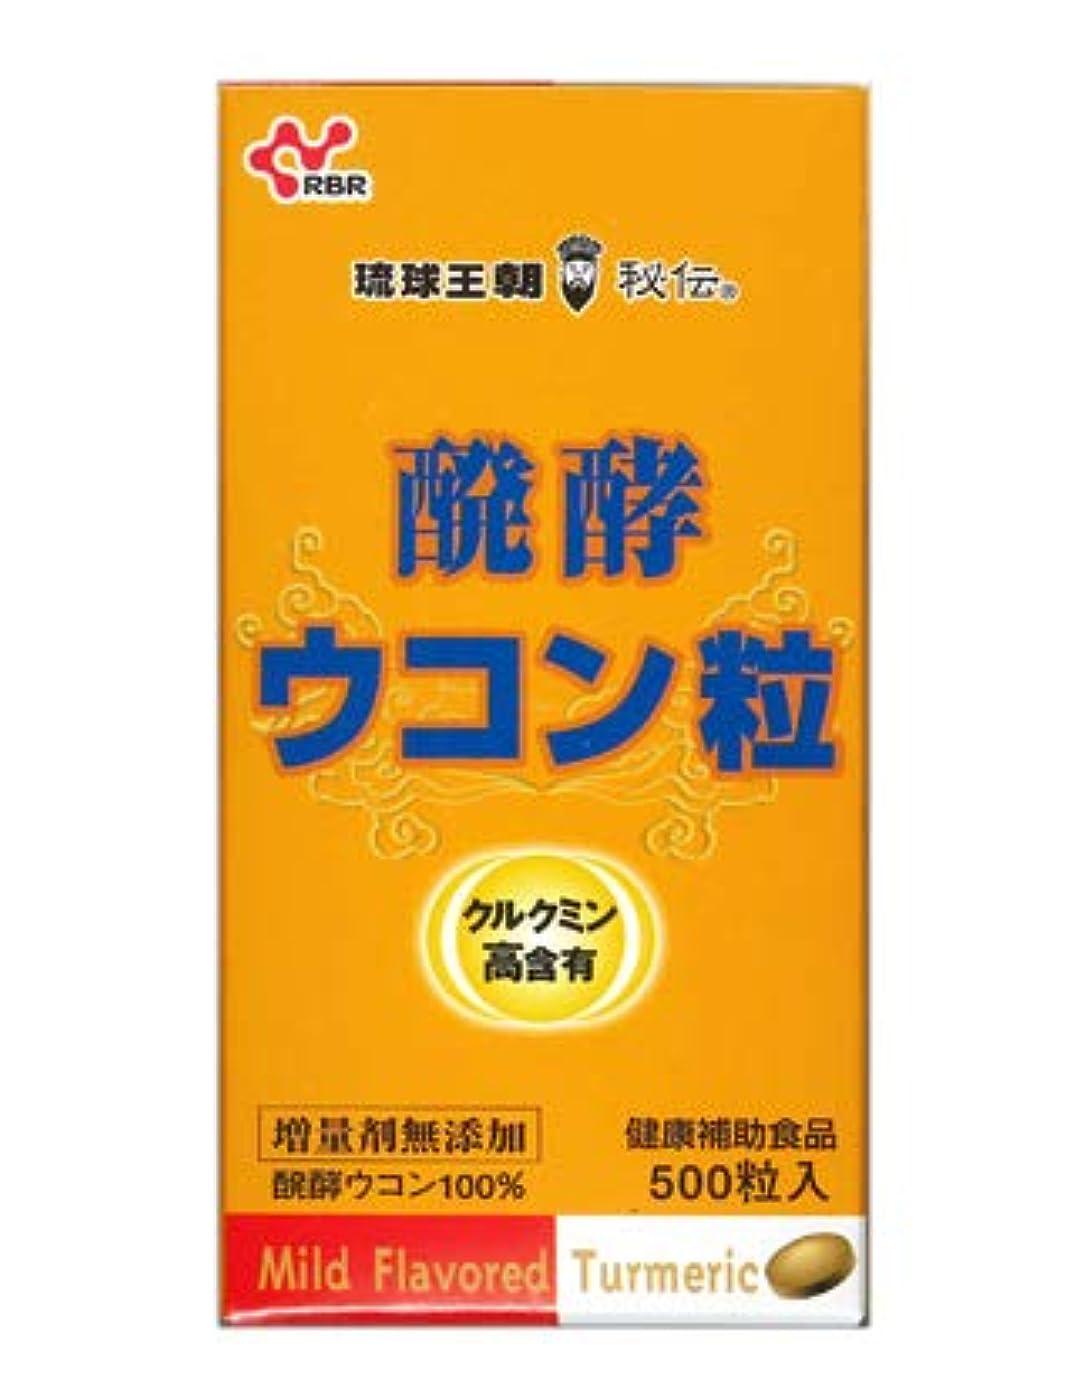 香ばしいユニークな均等に琉球バイオリソース 醗酵ウコン粒 500粒入り×5個セット